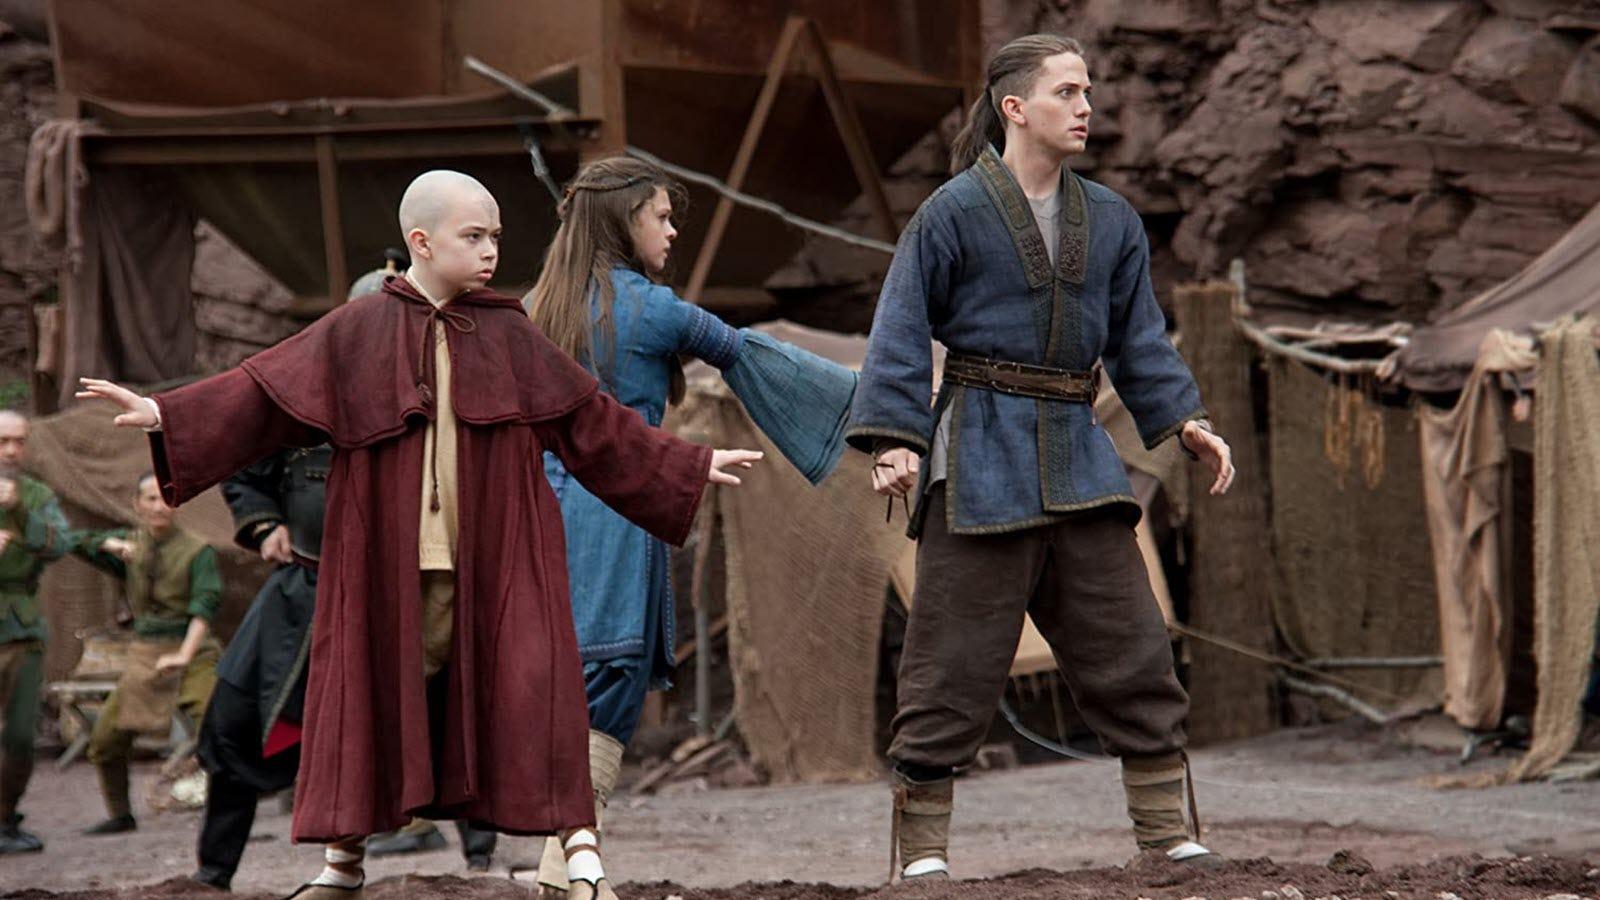 Katara, Aang, and Sokka